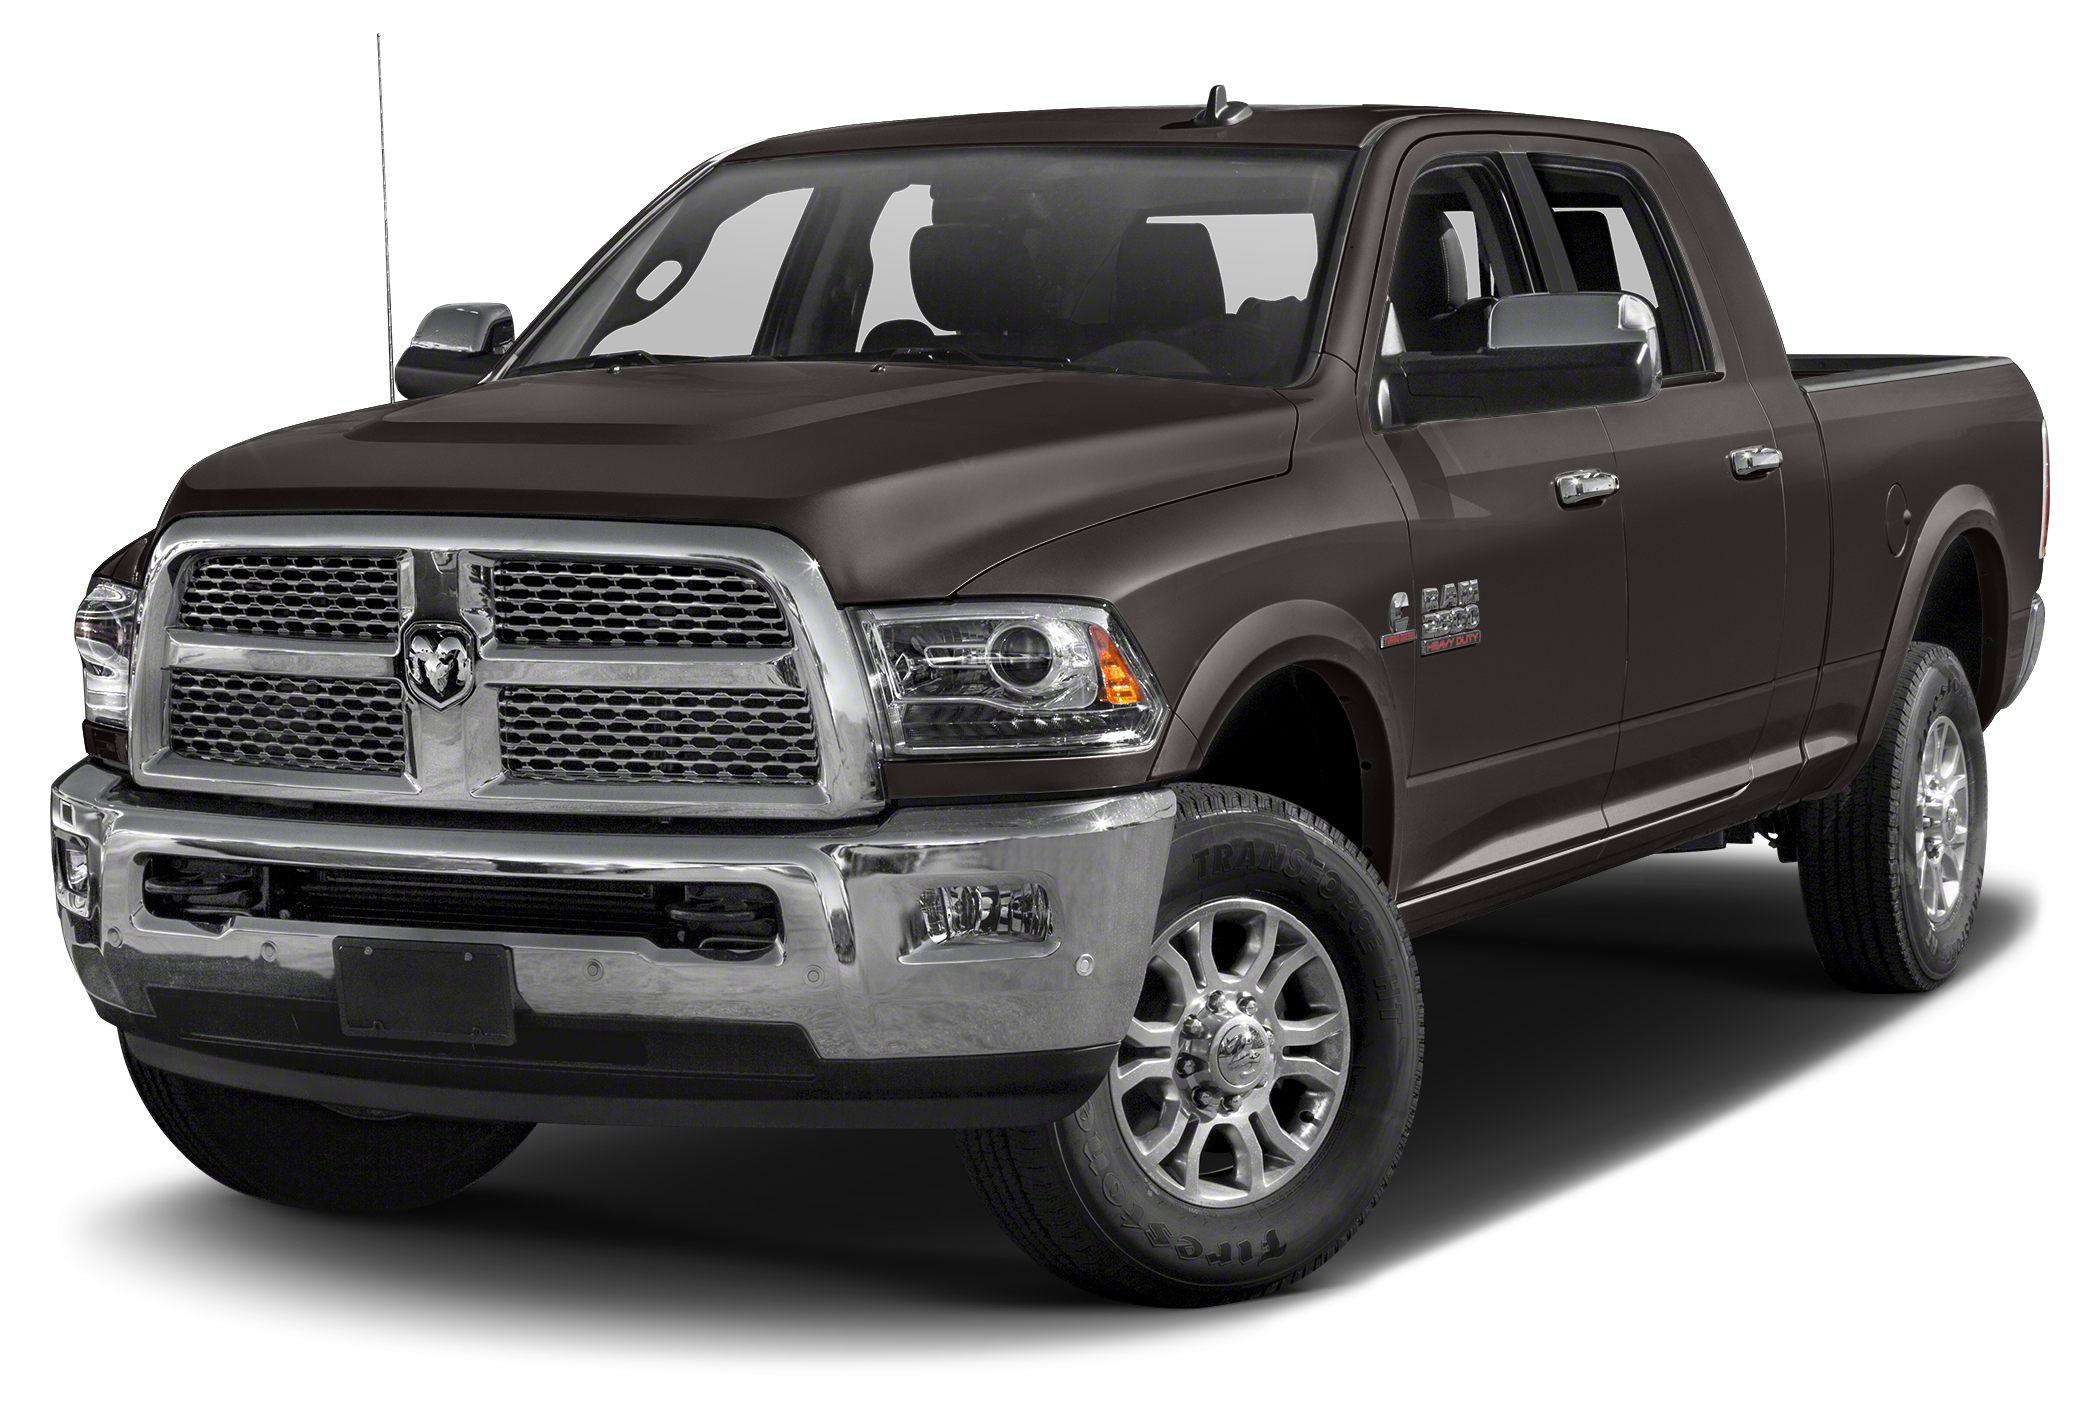 2017 RAM 2500 Laramie 2017 Ram 2500 Laramie 4WD 6-Speed Automatic 64L Heavy Duty V8 HEMI wMDS CL